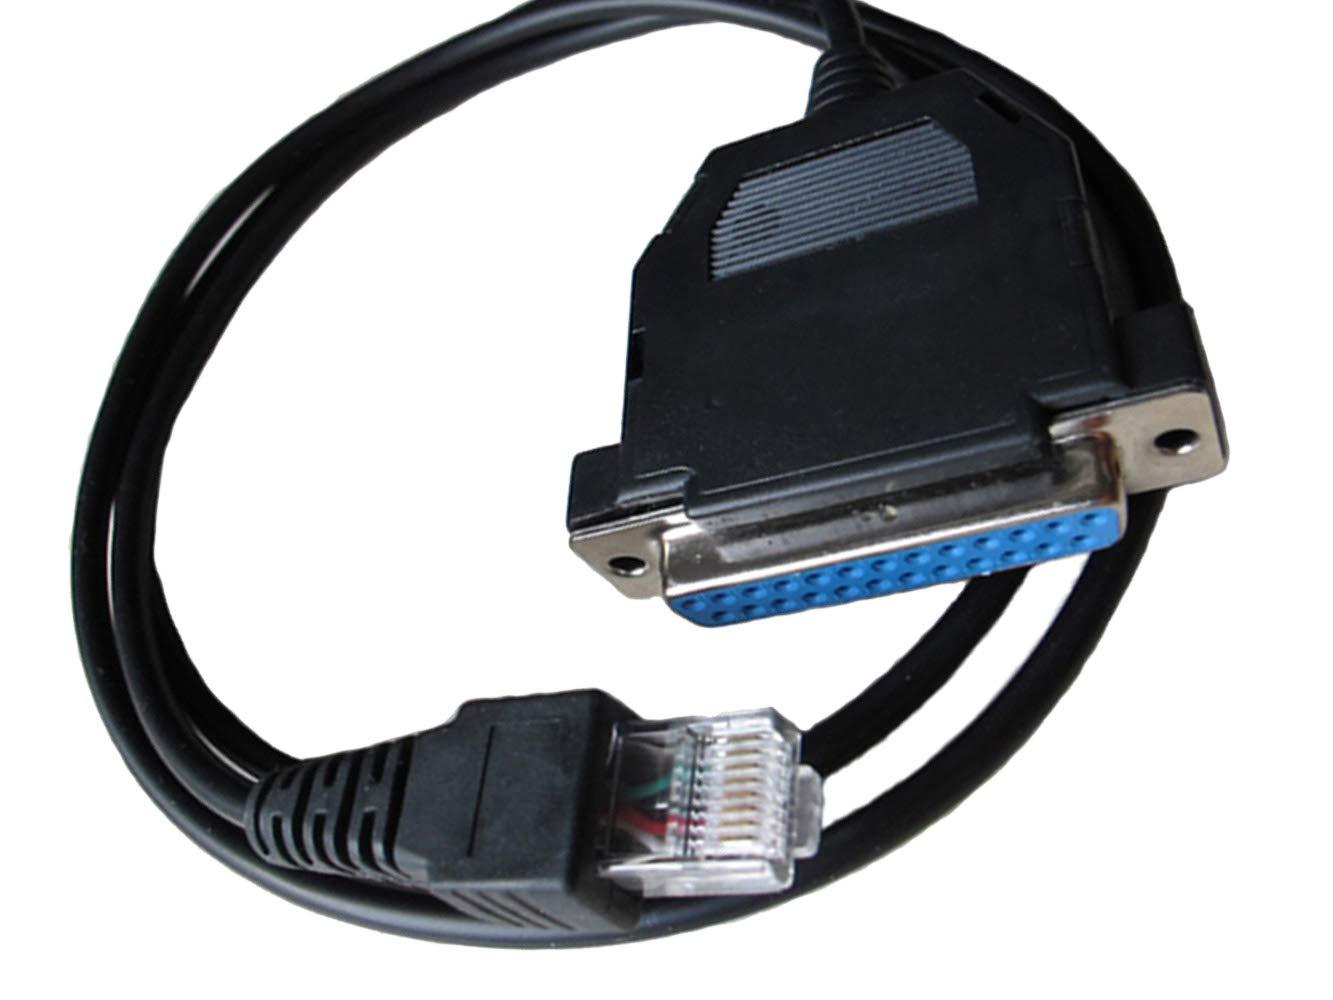 bestkong Rib Programming Cable for Motorola Mobile Radio GM338 GM339 GM300 GM340 GM3188 CDM1550 CDM1250 CDM750